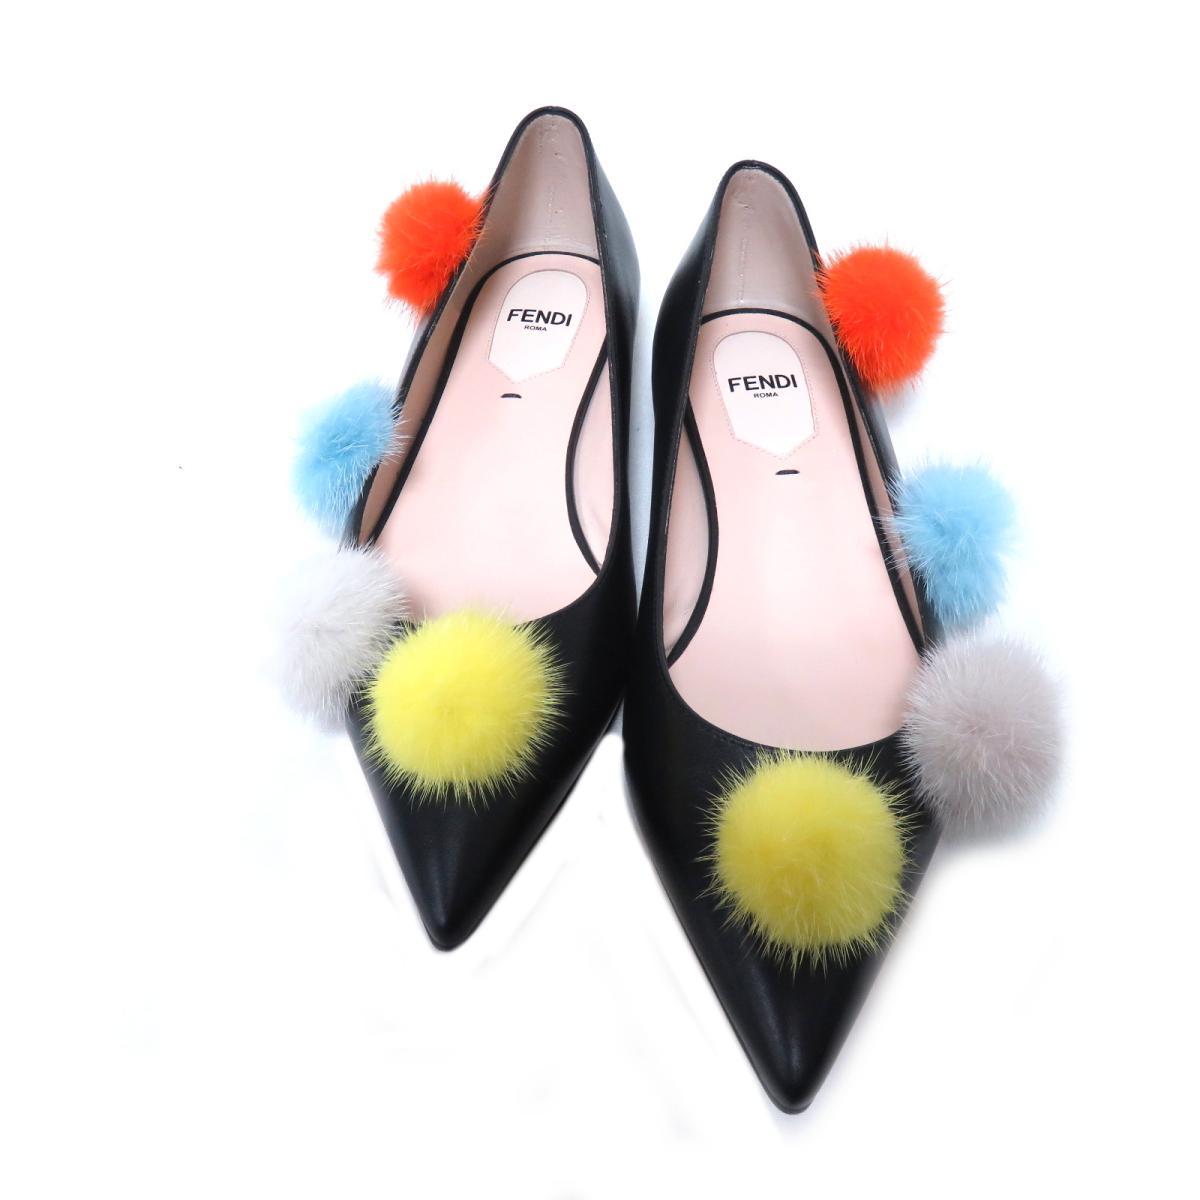 【中古】 フェンディ ポンポンフラットシューズ レディース 牛革 (カーフ) ブラック | FENDI 靴 美品 ブランドオフ